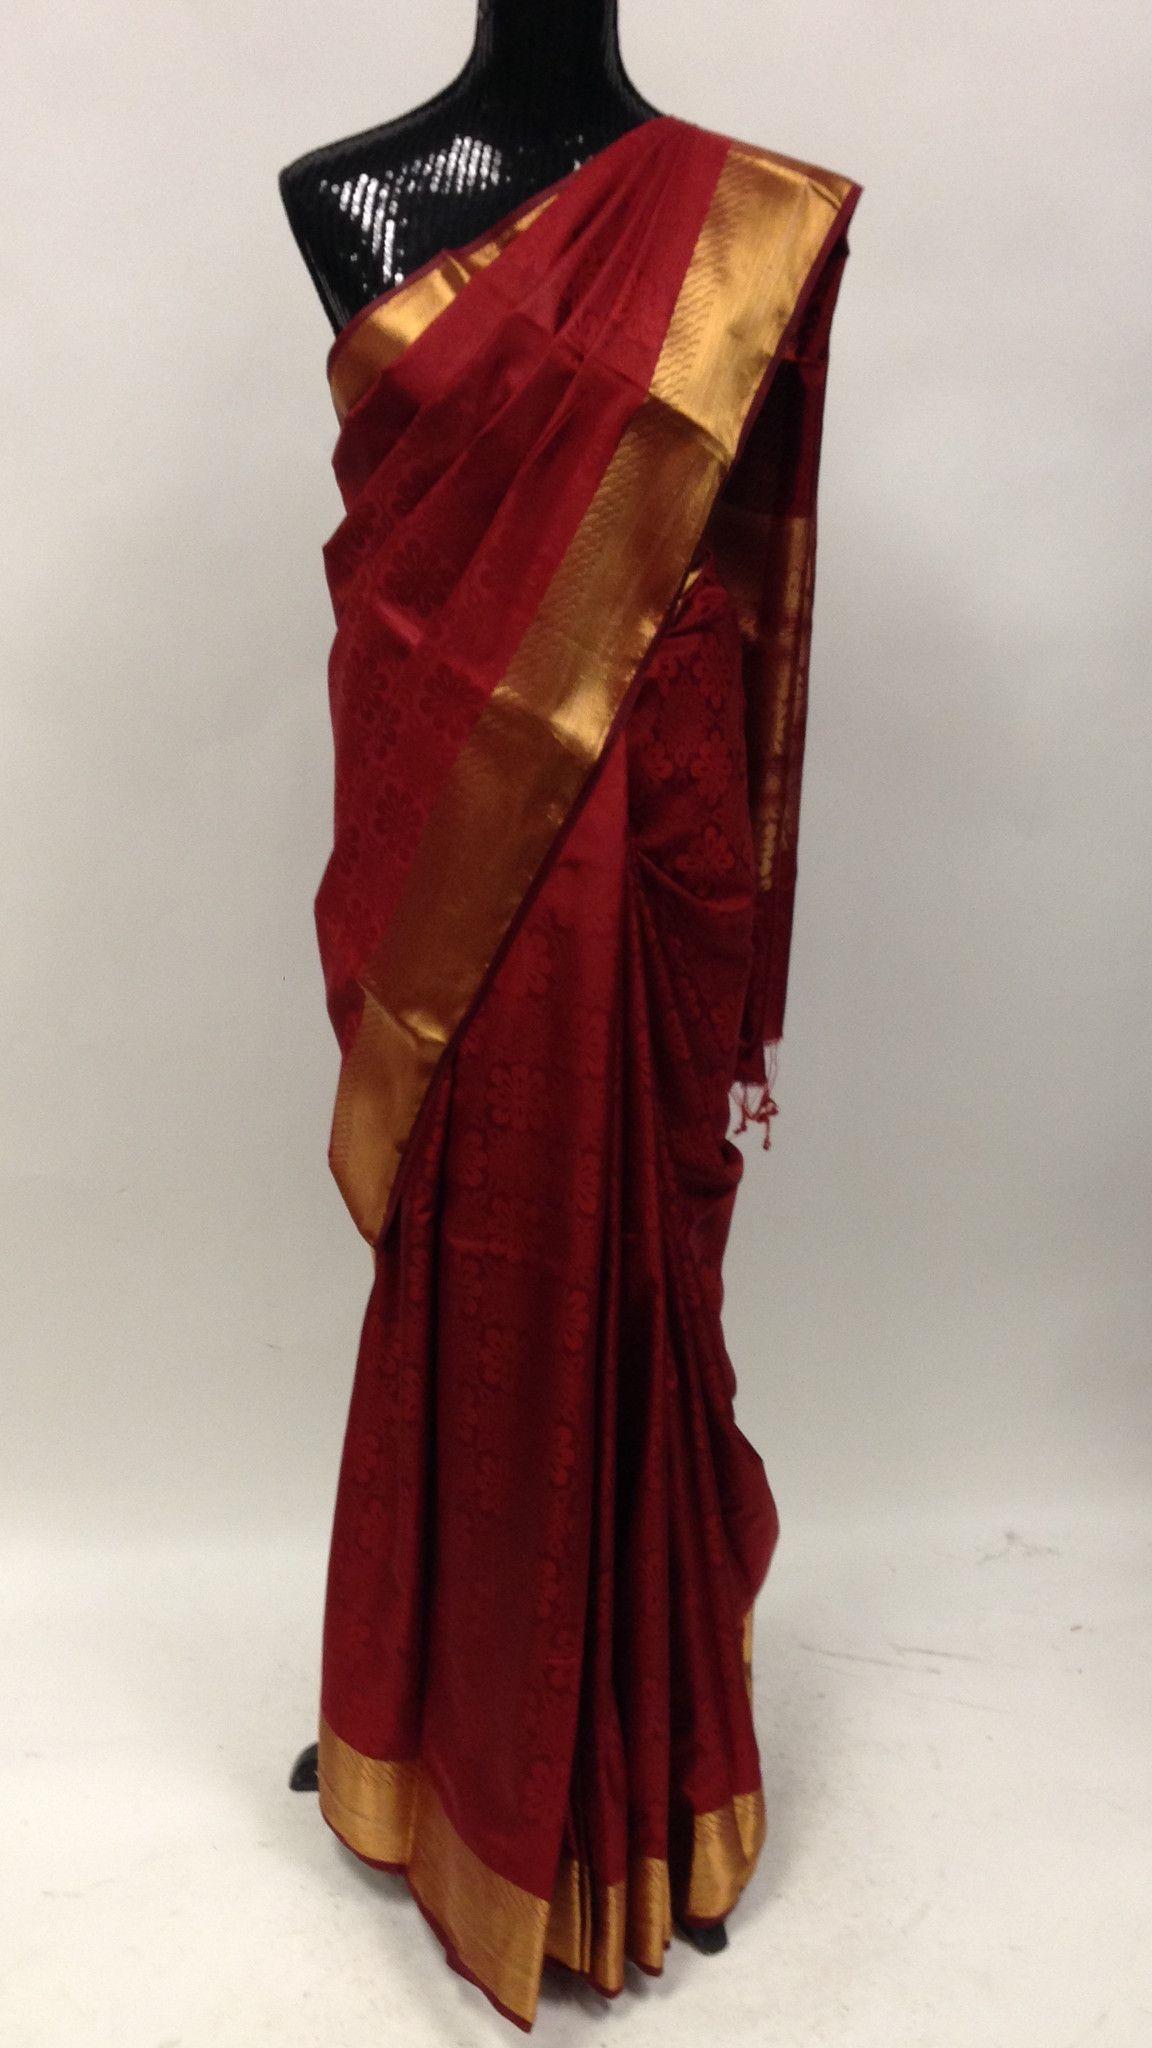 ab7b00fda2 Maroon plain silk saree with classic self print and heavy golden Zari border  & pallu. Elegant zari tissue pallu. 5.5 mts saree + 85 cms un-stitched  blouse. ...